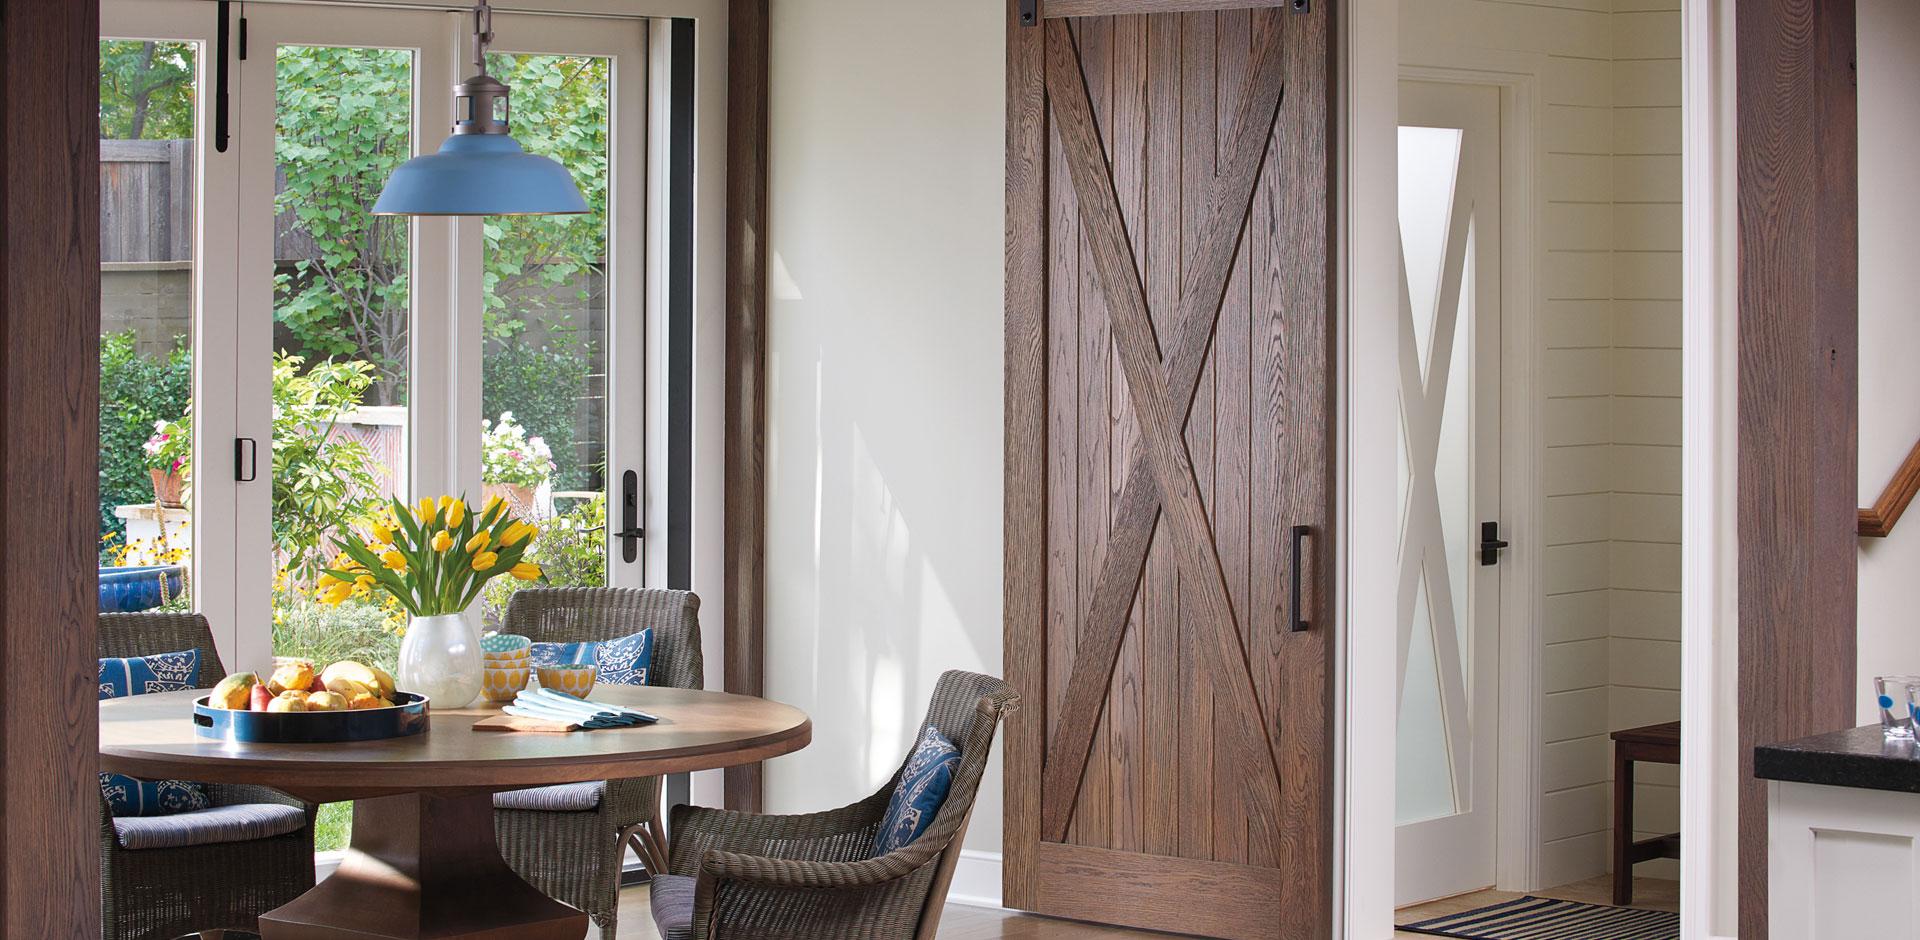 Breakfast nook with rustic barn door